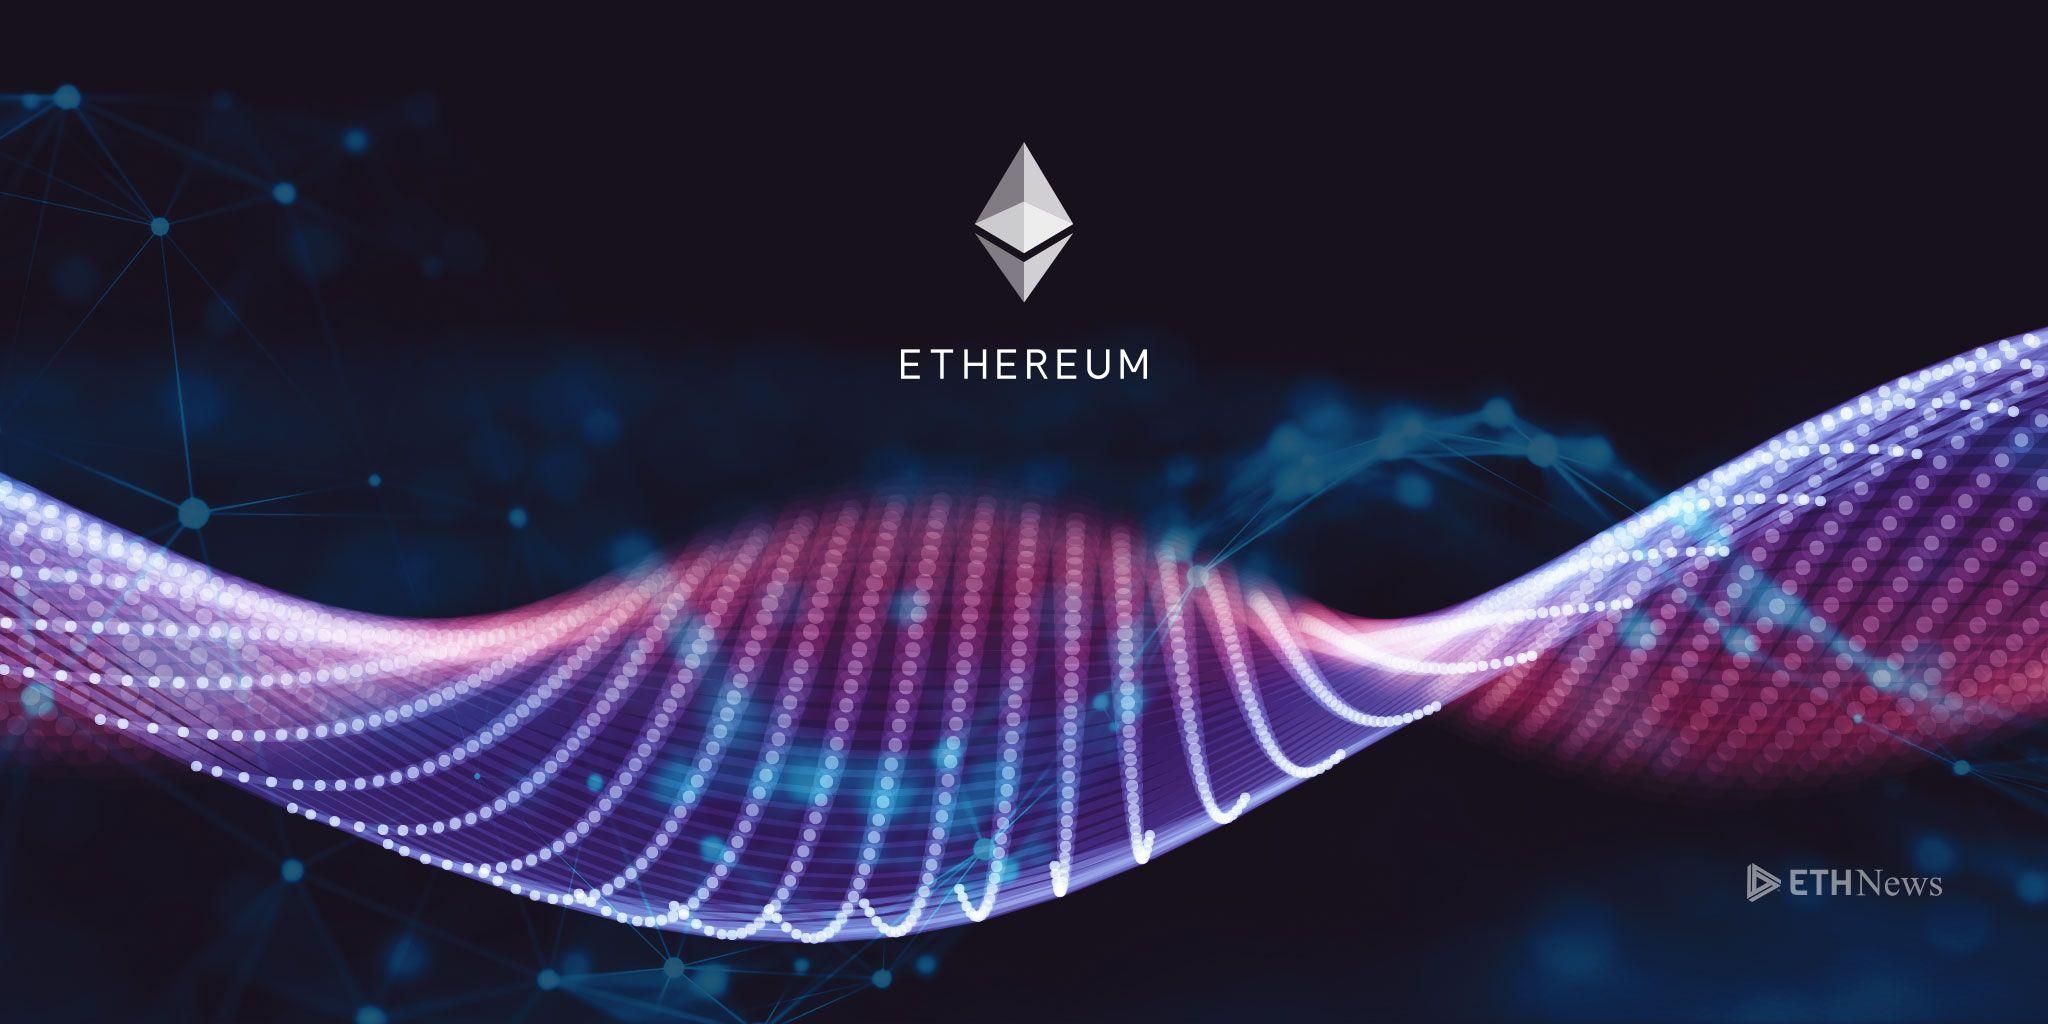 هزینه ی ۱۹ میلیون دلاری بنیاد اتریوم (Ethereum) برای مقیاس پذیری با پلاسما